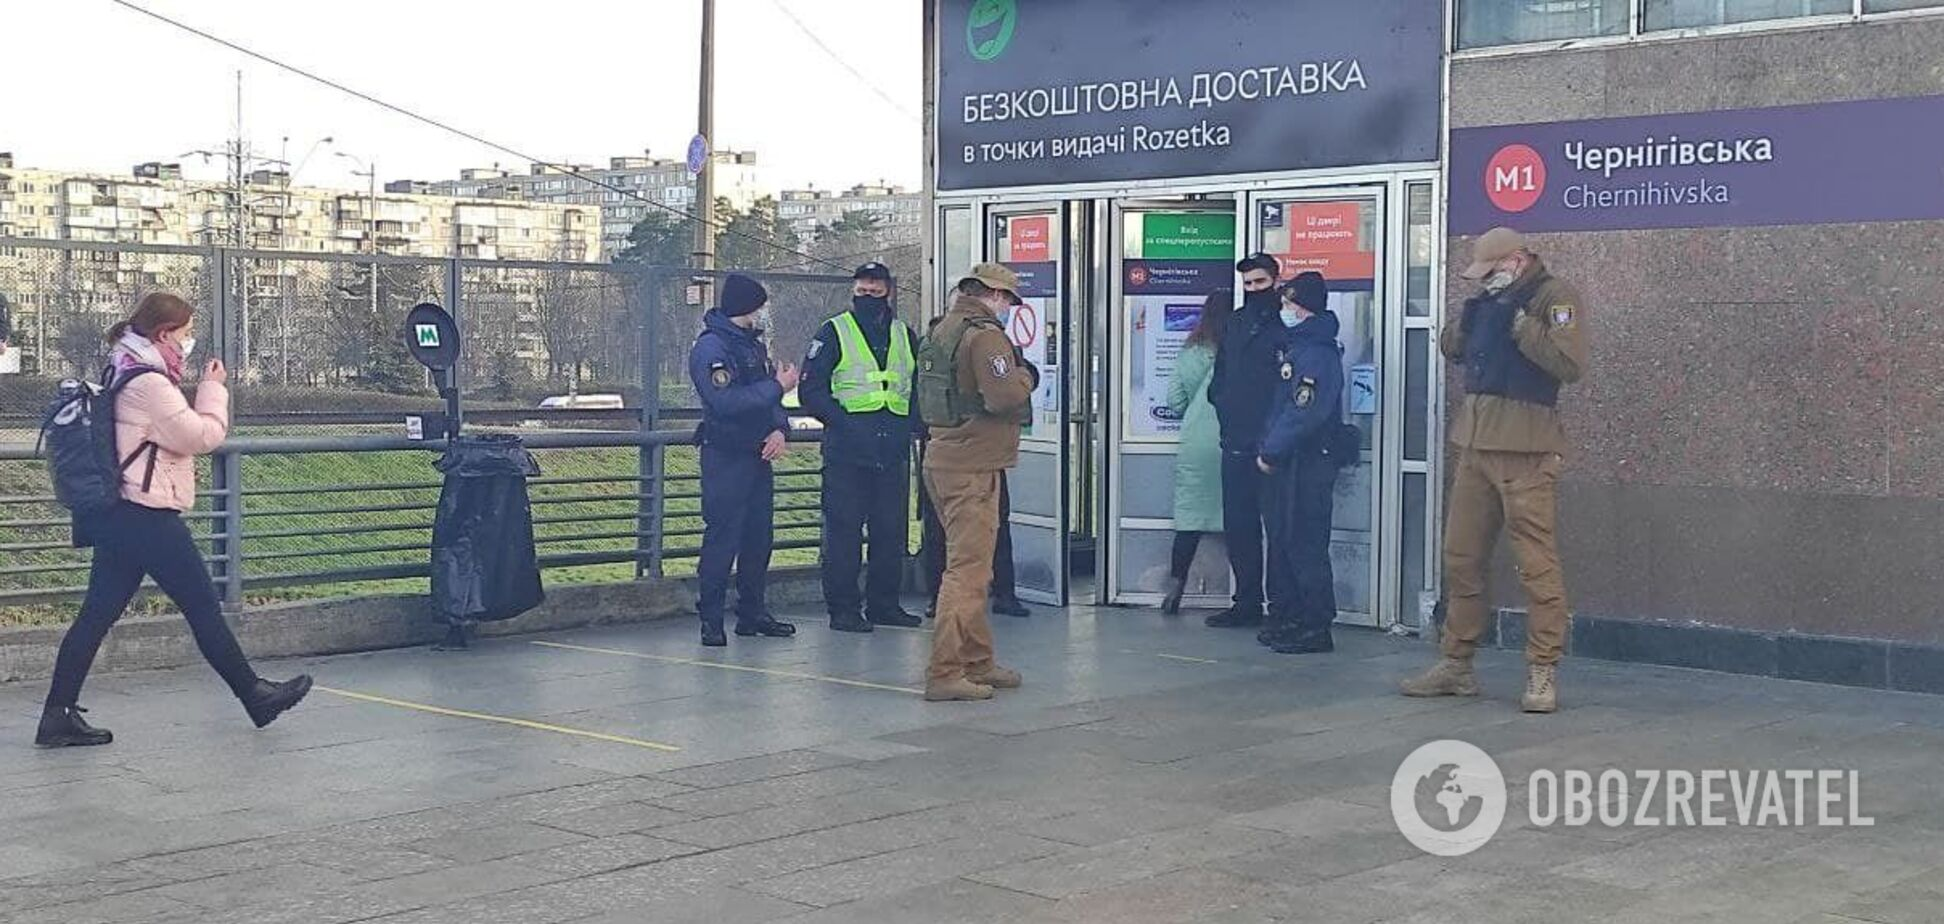 Пустые поезда, наряды полиции и очереди: как работает метро в Киеве в локдаун.Фото, видео